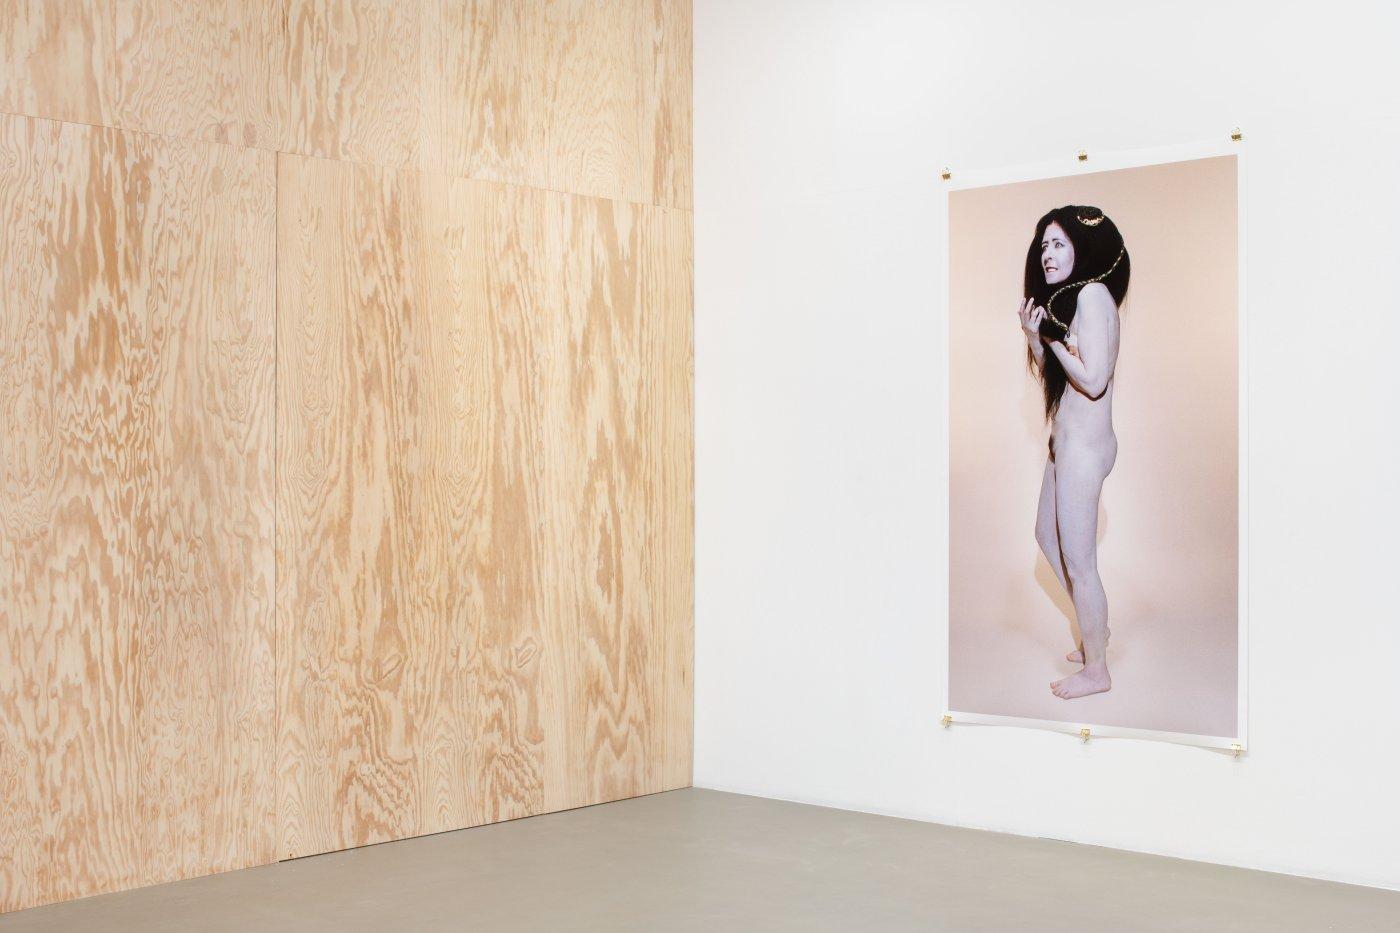 Galerie Chantal Crousel Dominique Gonzalez-Foerster 2